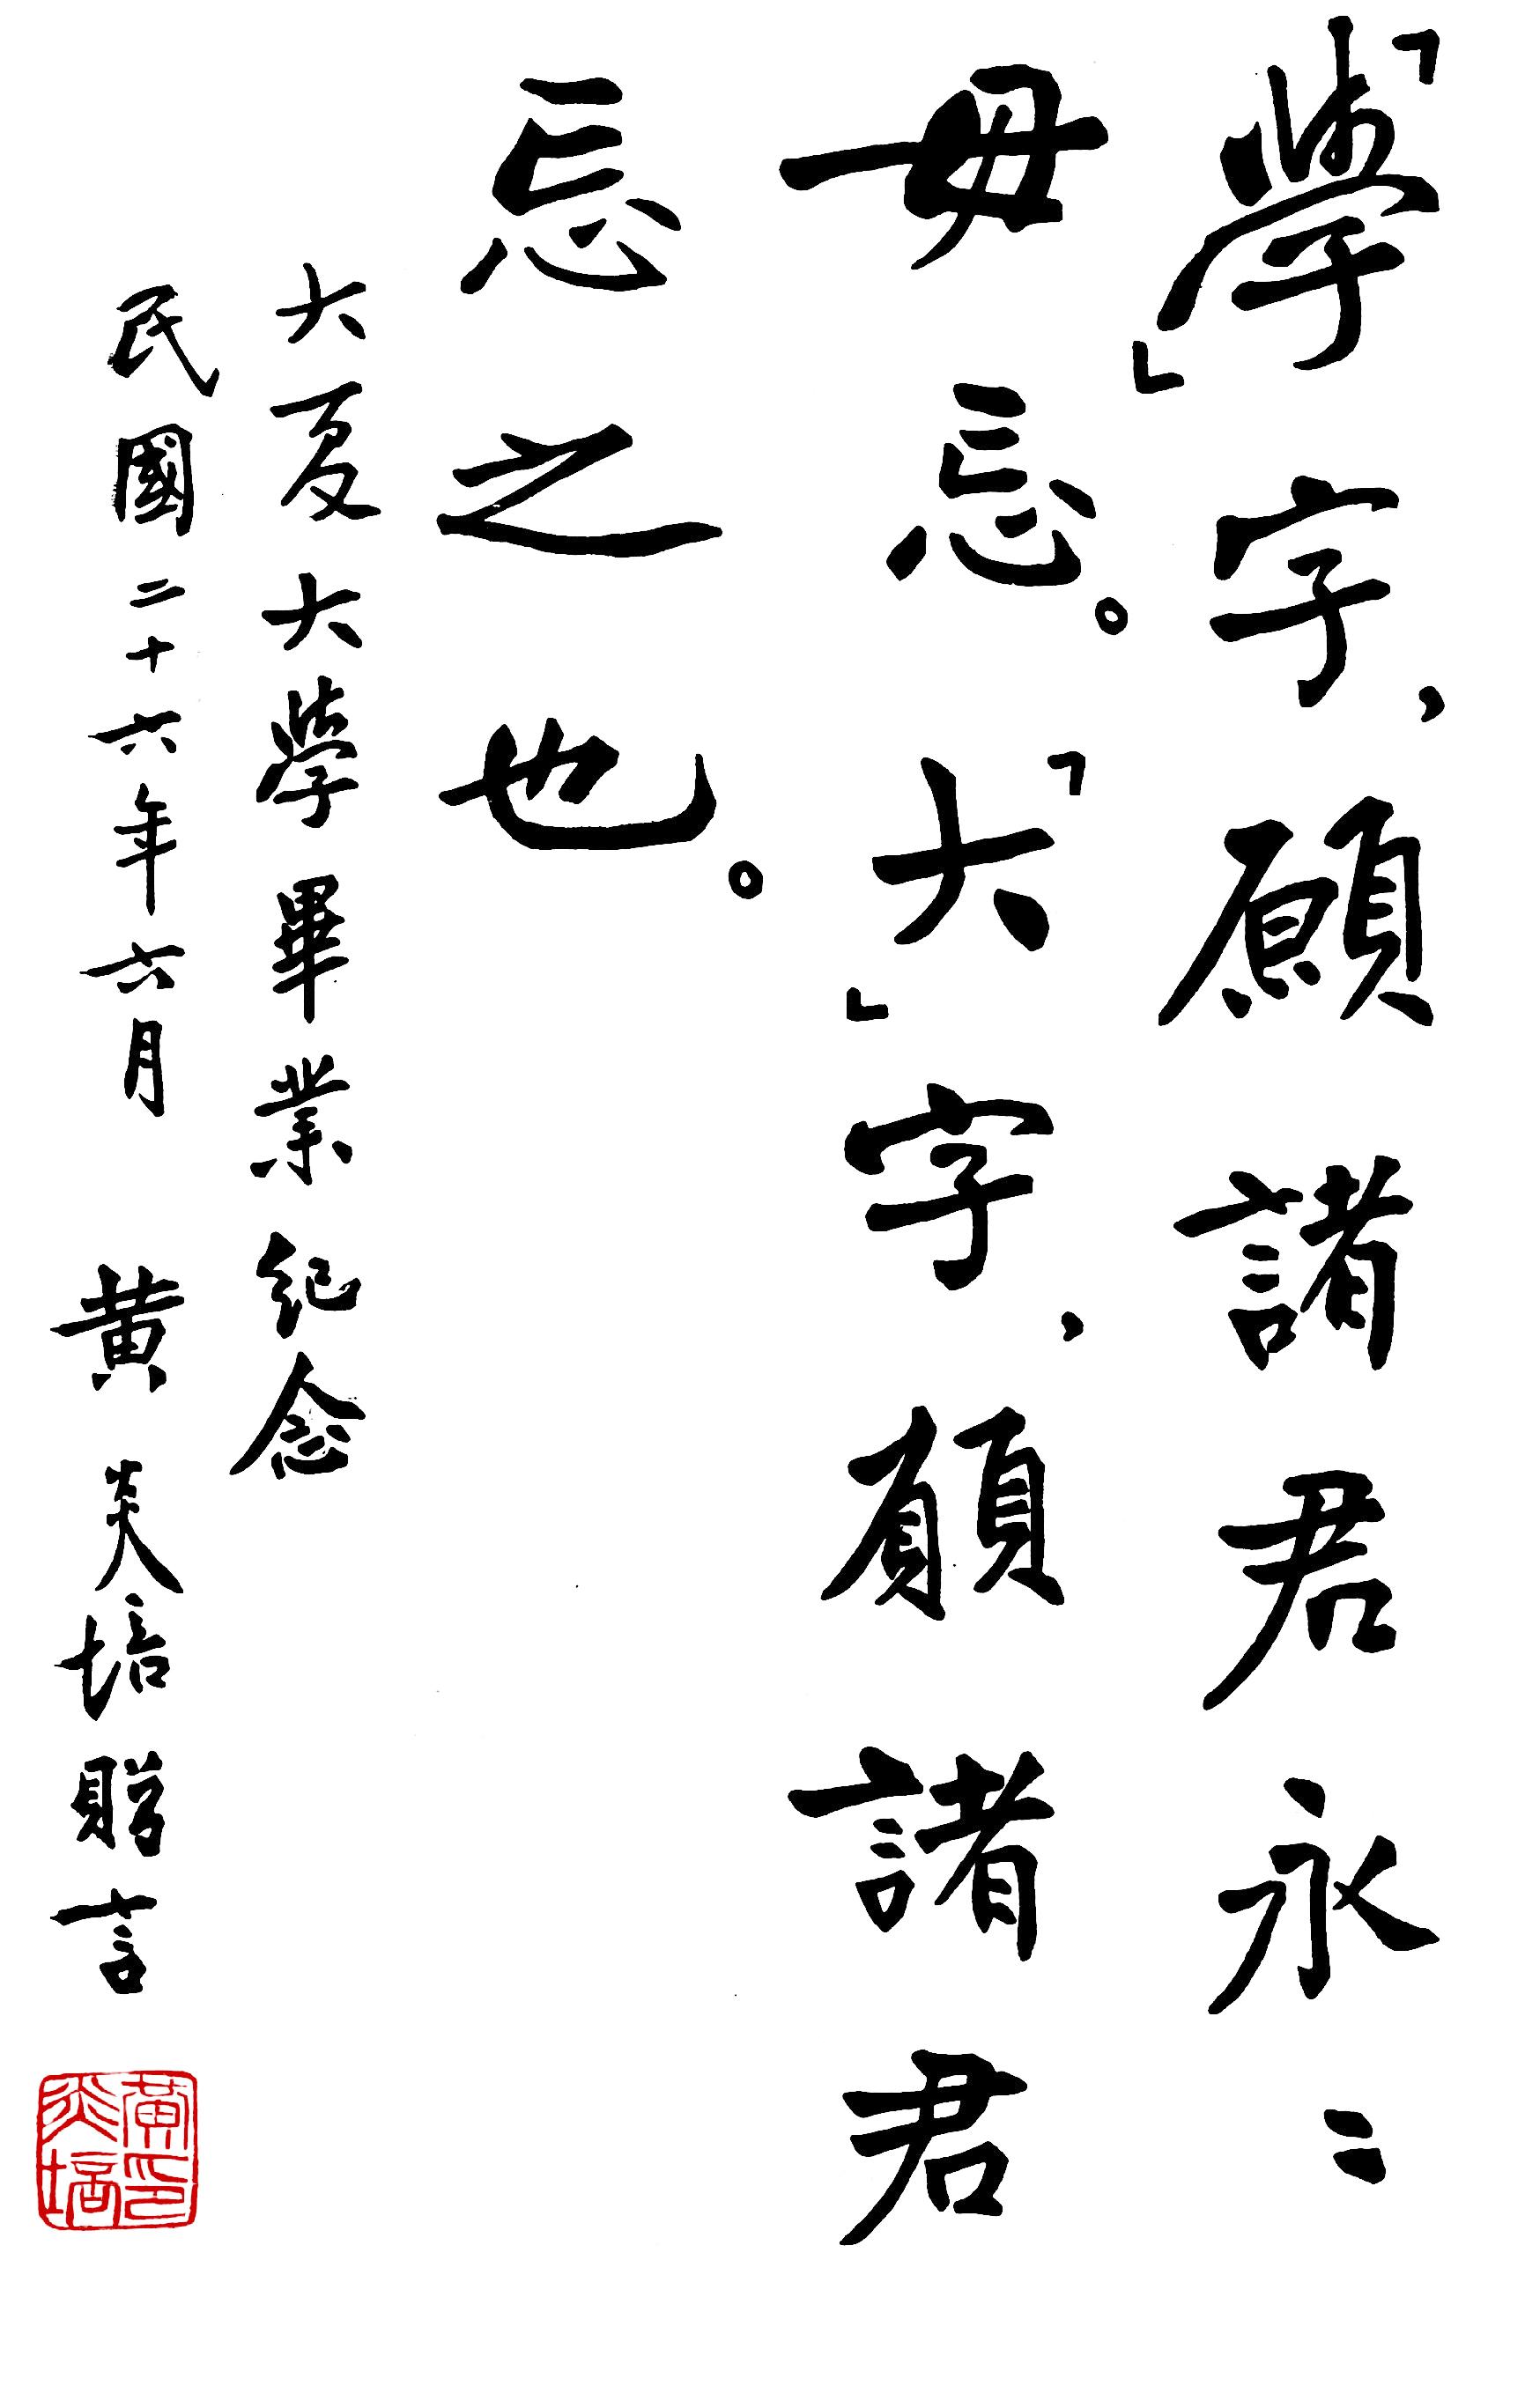 黄炎培为大夏大学毕业生题词